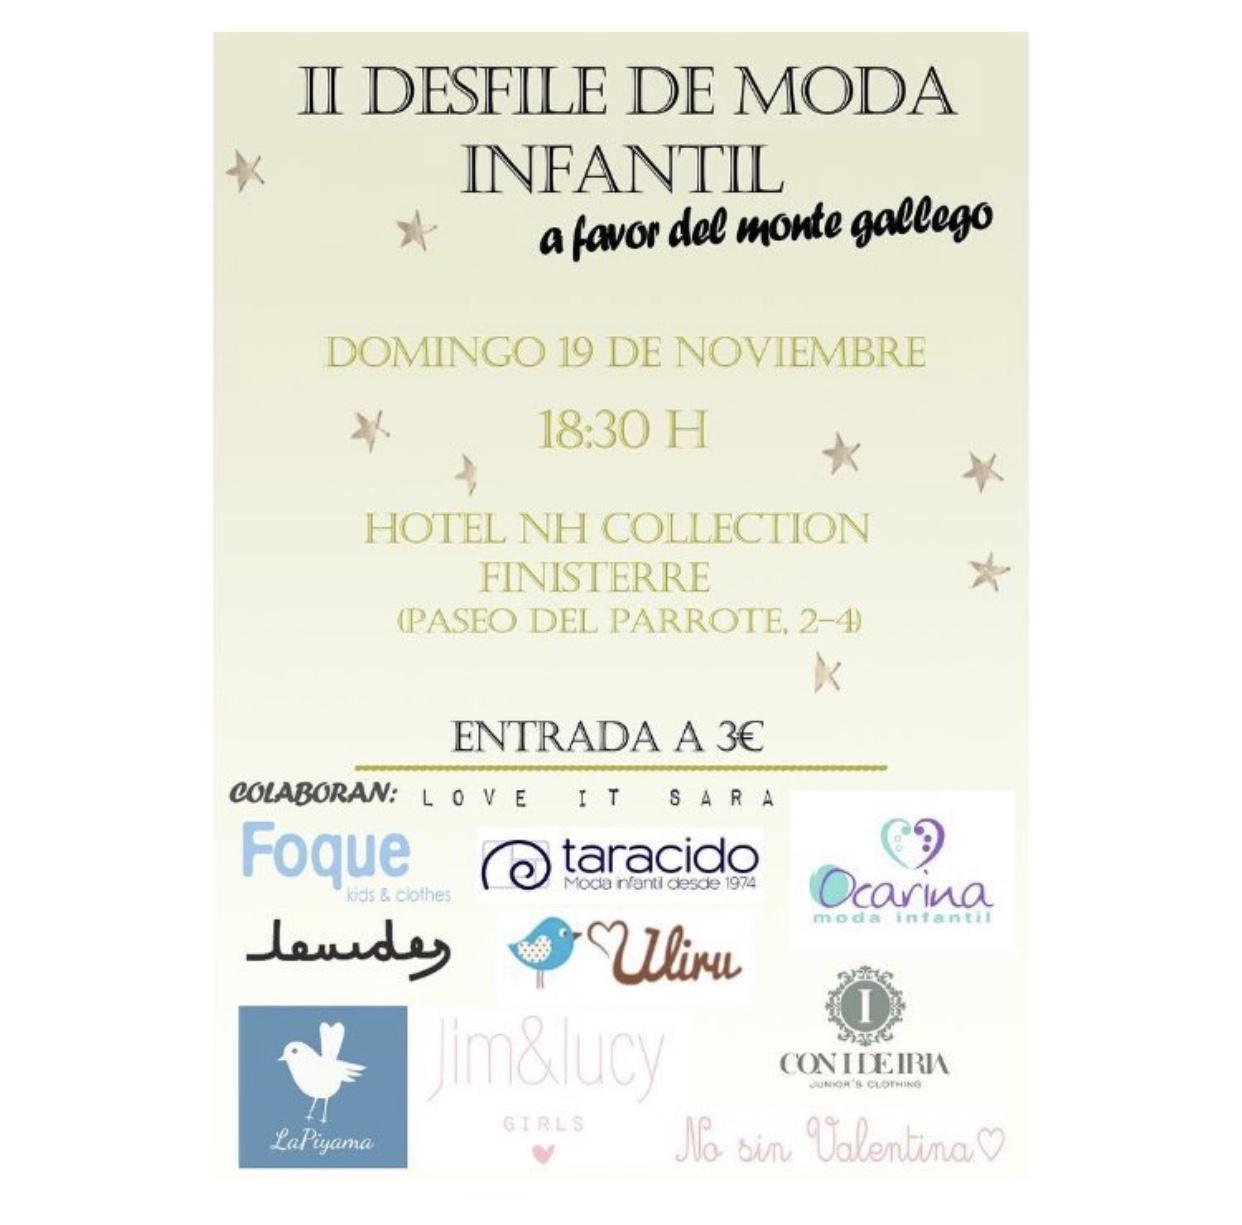 DESFILE DE MODA INFANTIL-16740-belasabela